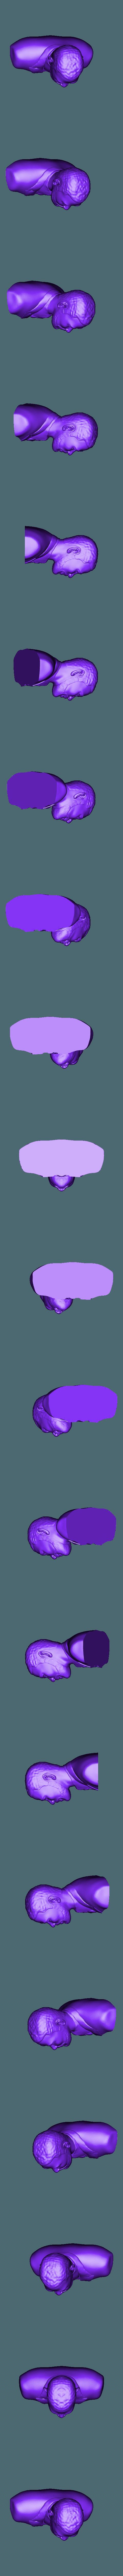 A2aa1433 2dc5 49fb 8417 b4ab8e302636